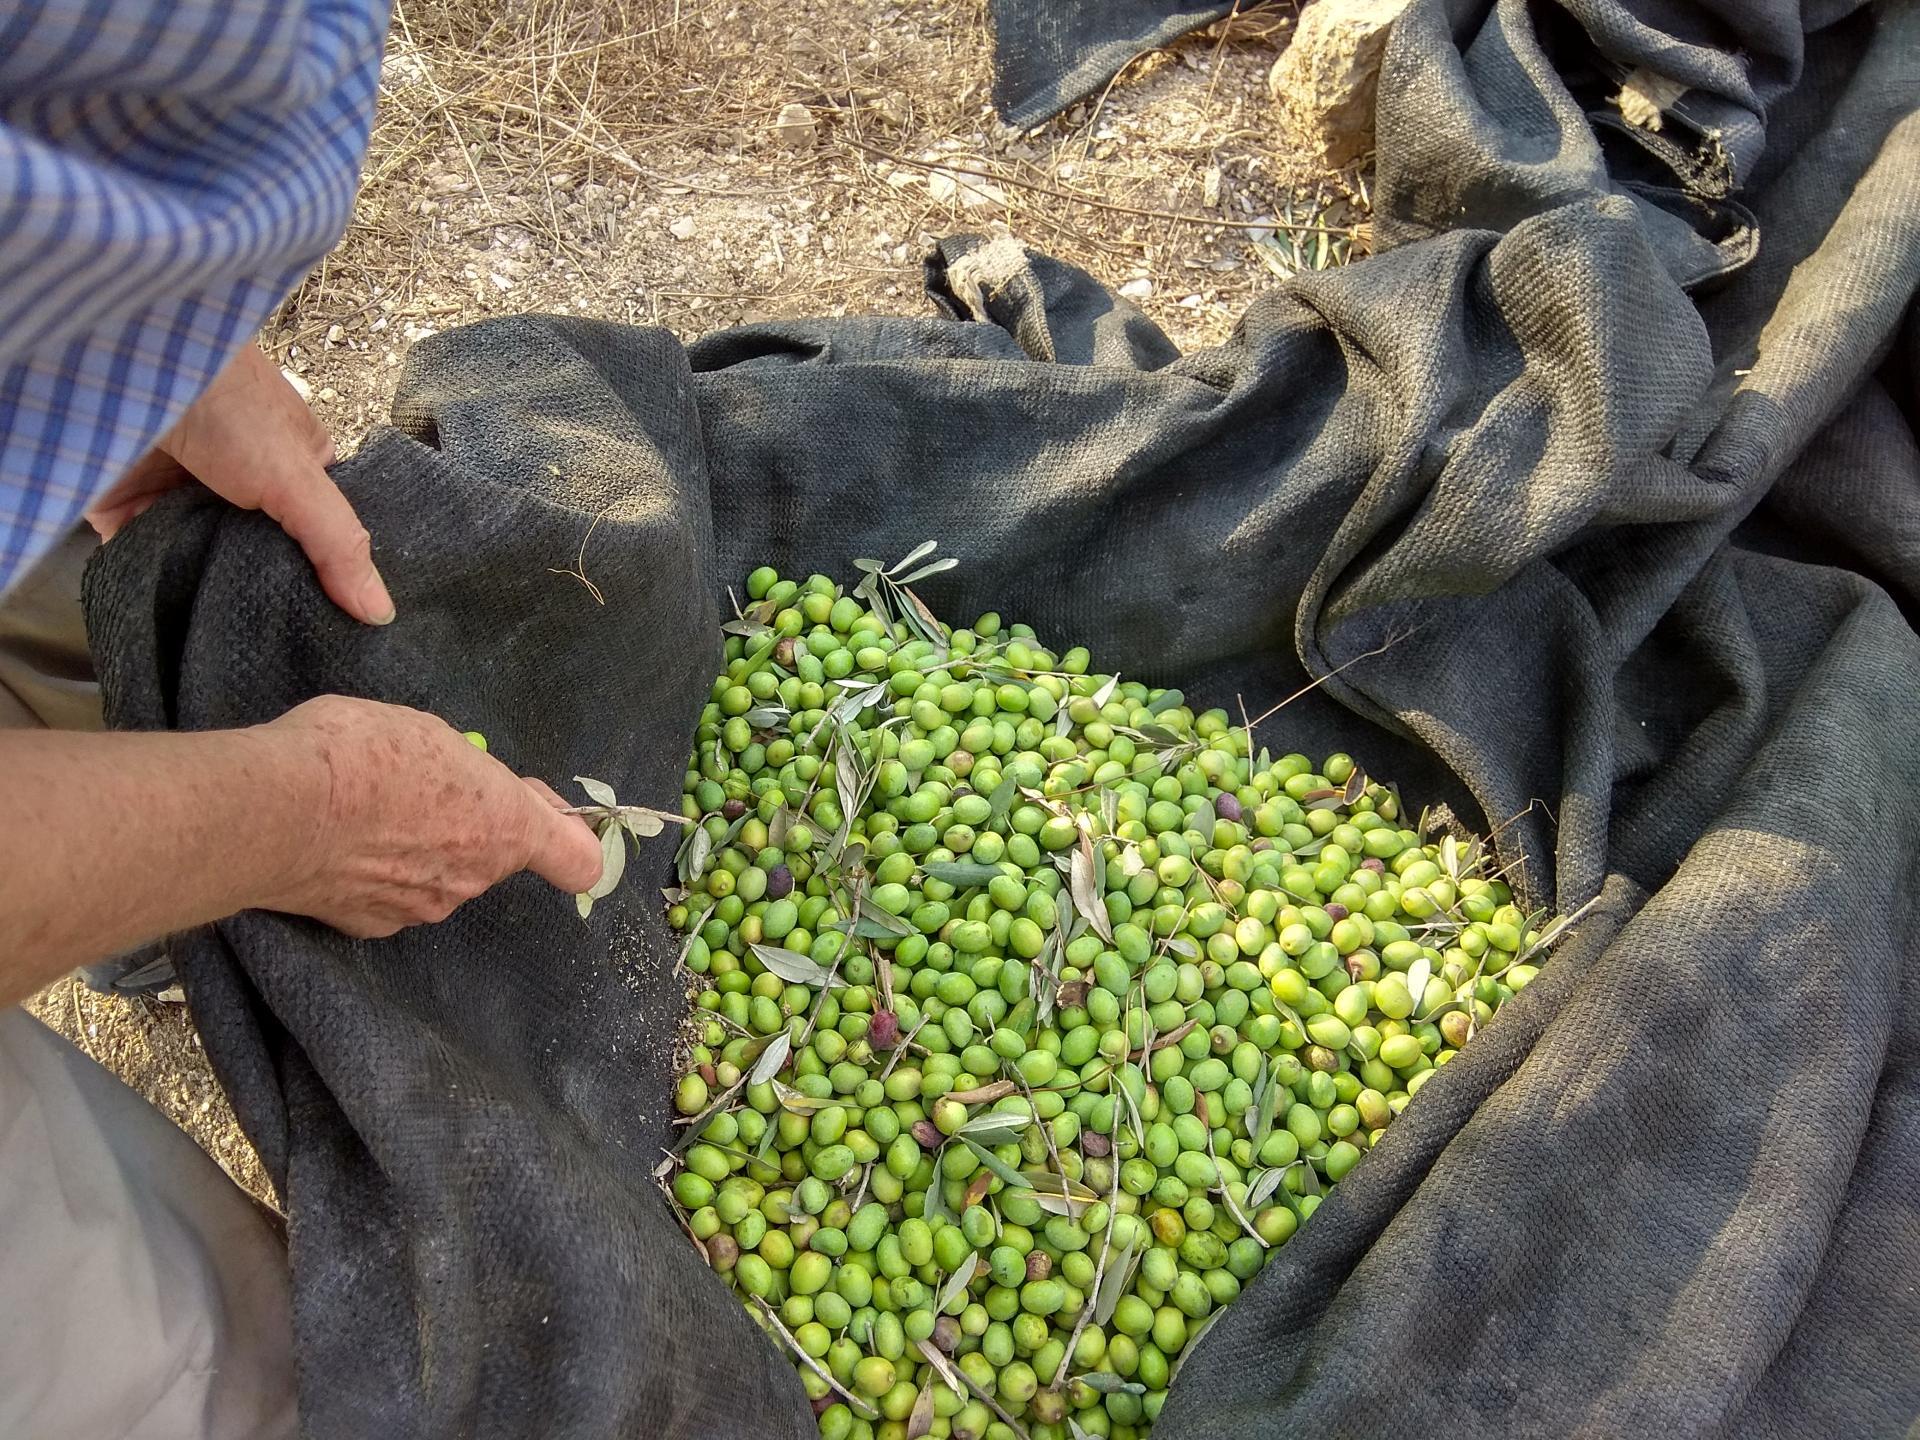 יבול הזיתים מהמטע היחיד שלא נשרף